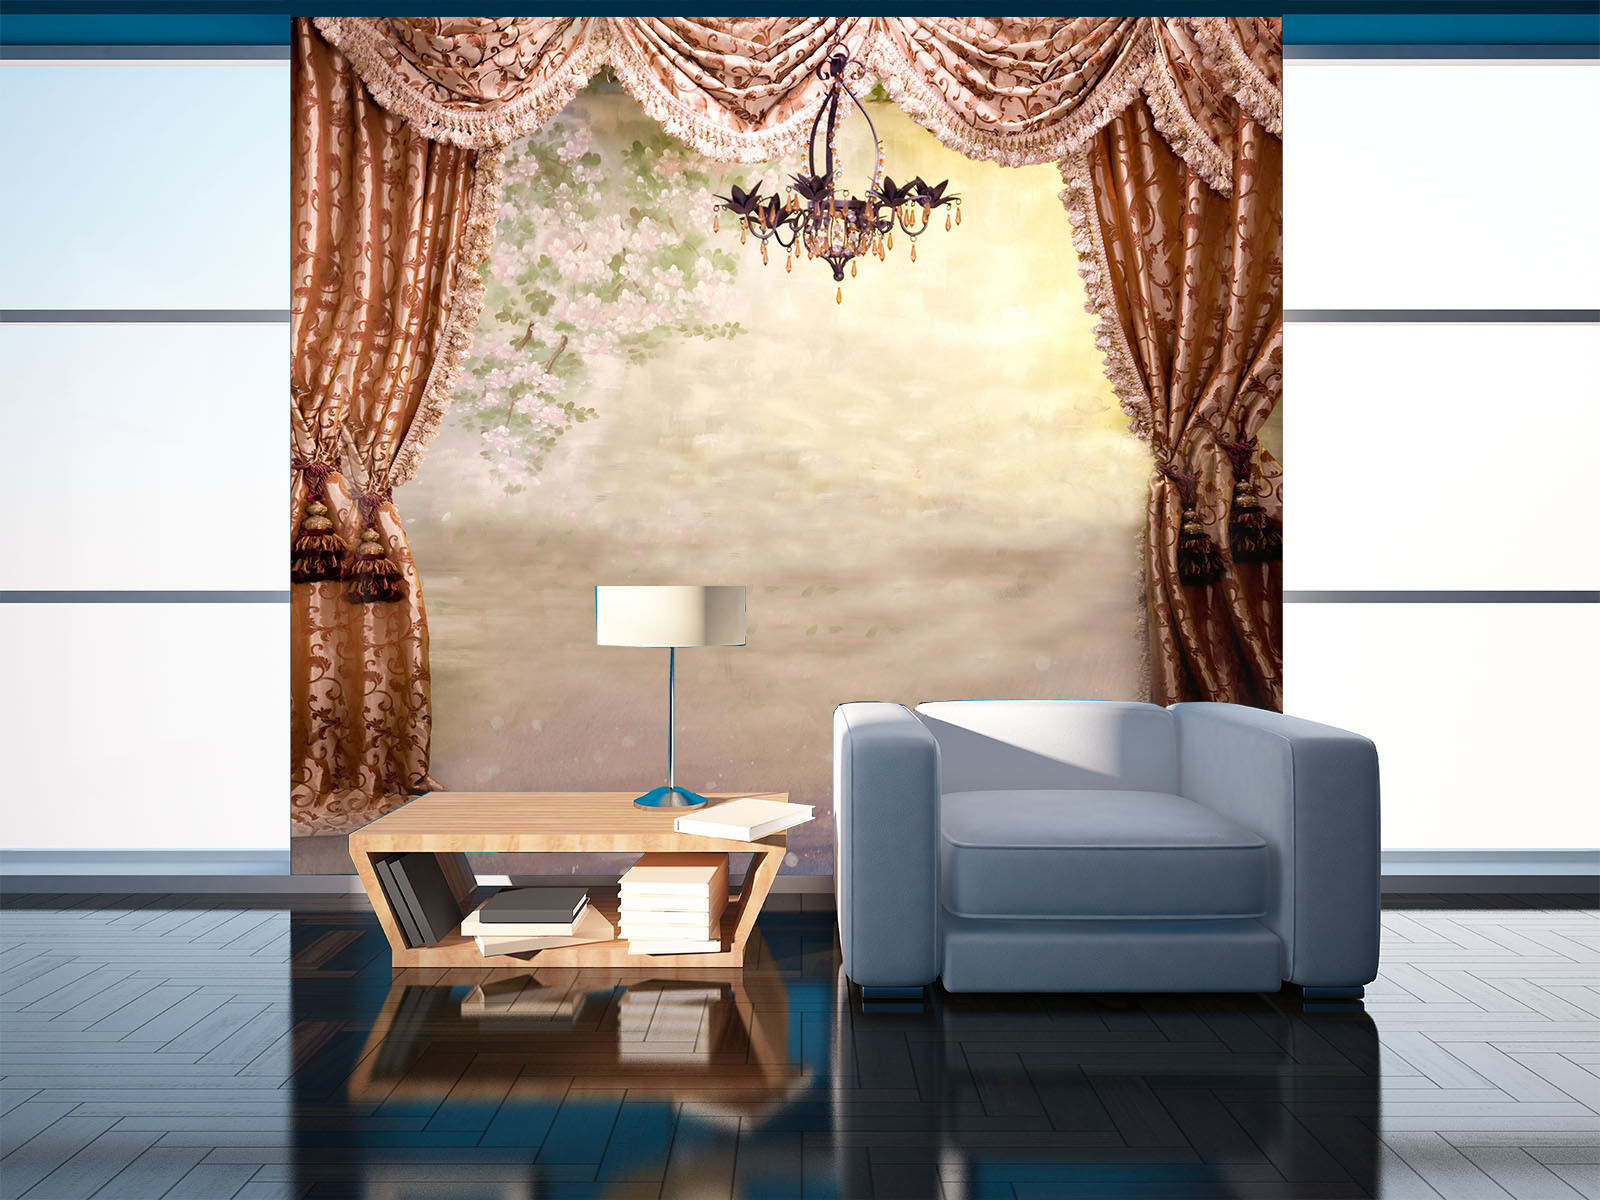 3D Beautiful Elegant Curtain 31 Wall Paper Wall Print Decal Wall AJ Wall Paper